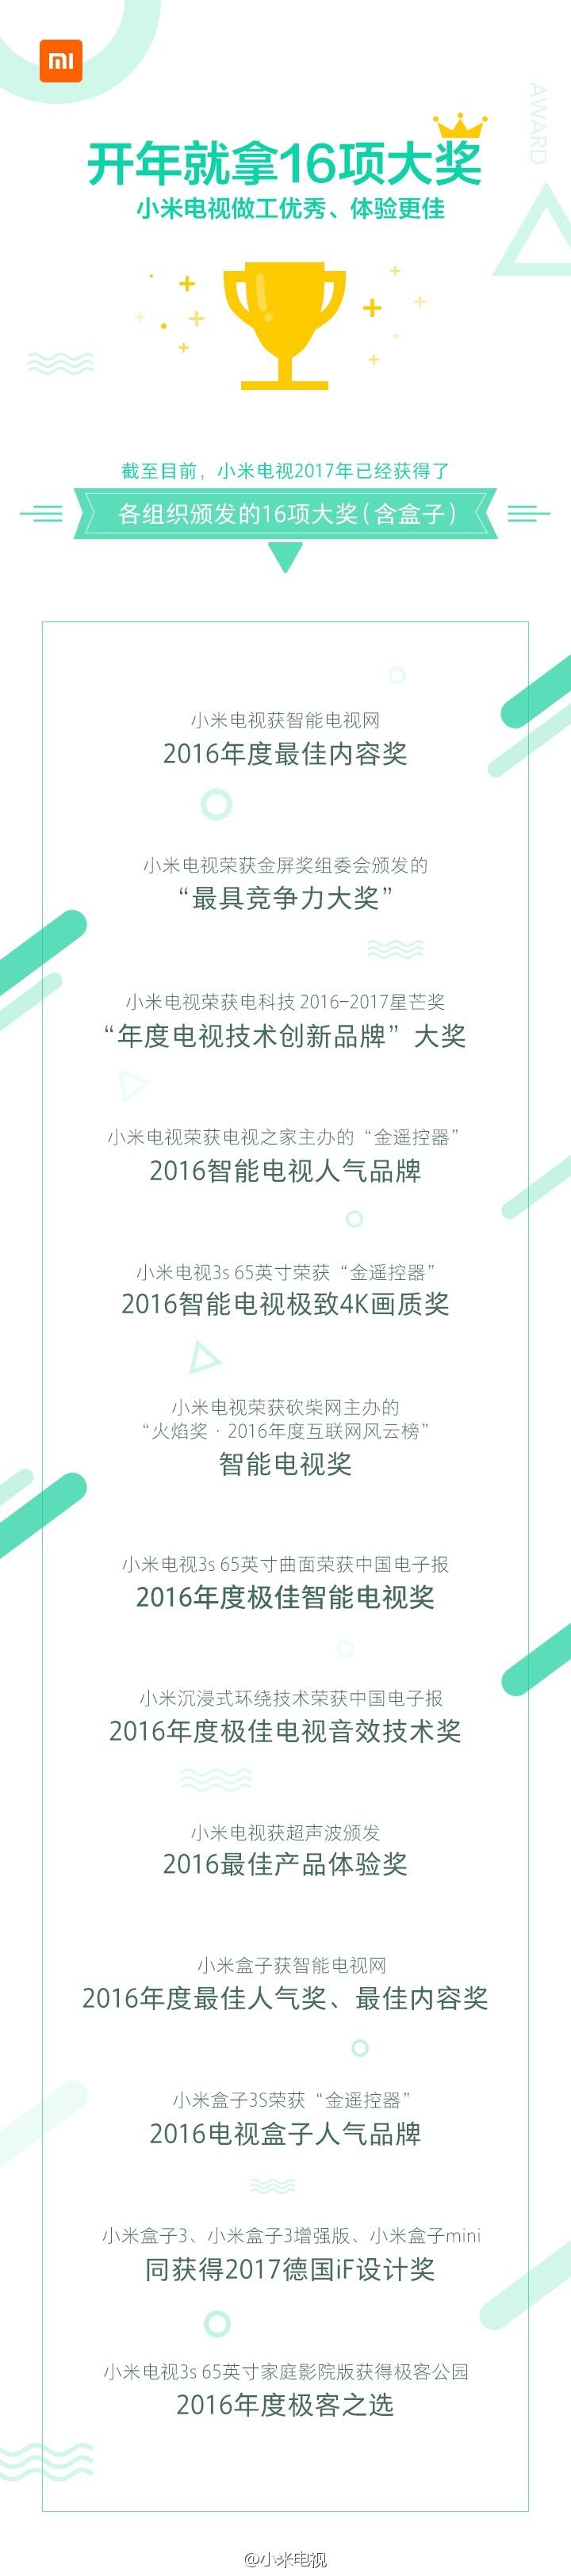 喜报!2017年开年不足两月,小米电视已获16项大奖